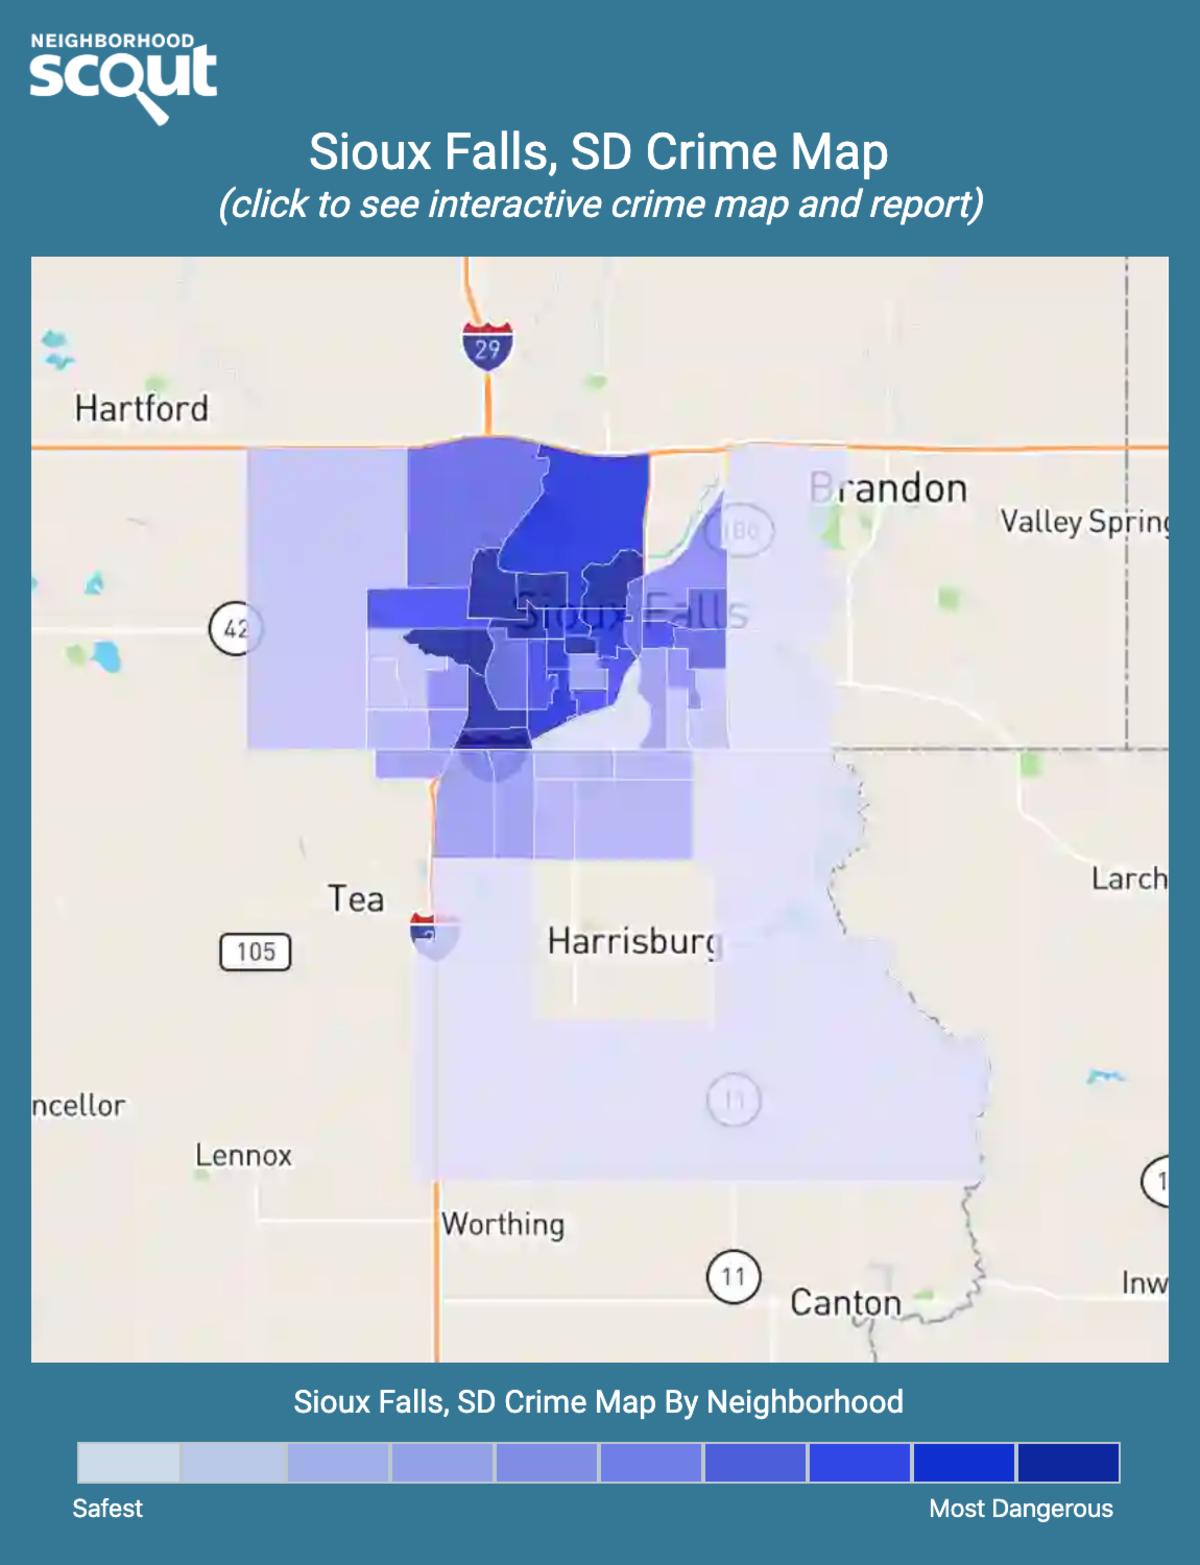 Sioux Falls, South Dakota crime map